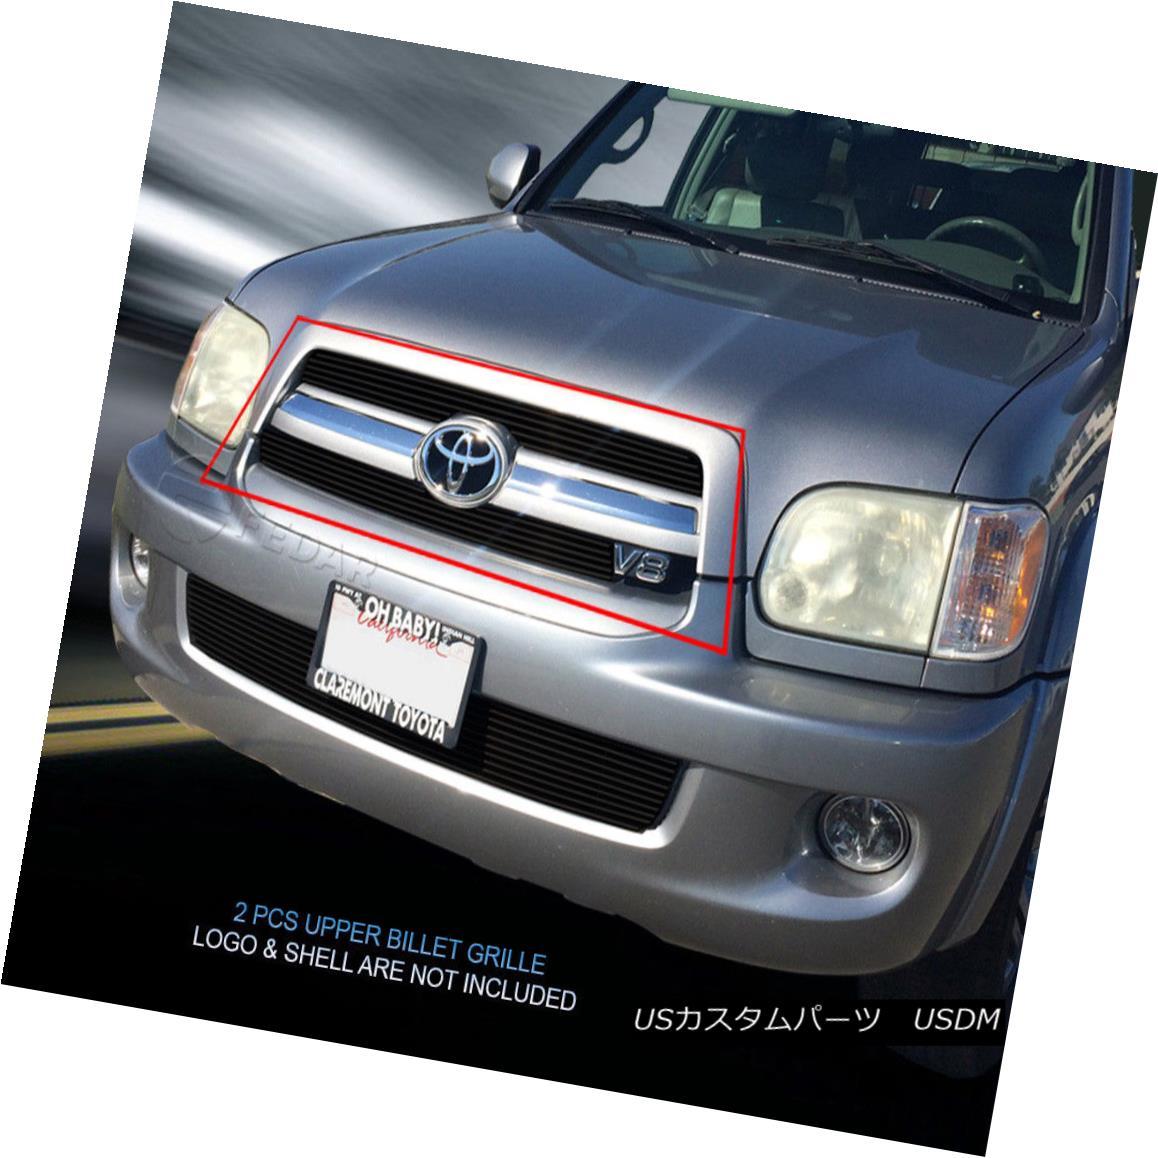 グリル For 05 06 07 Toyota Sequoia Black Billet Grille Grill Upper Insert Fedar 05 06 07トヨタセコイアブラックビレットグリルグリルアッパーインサートフェルダー